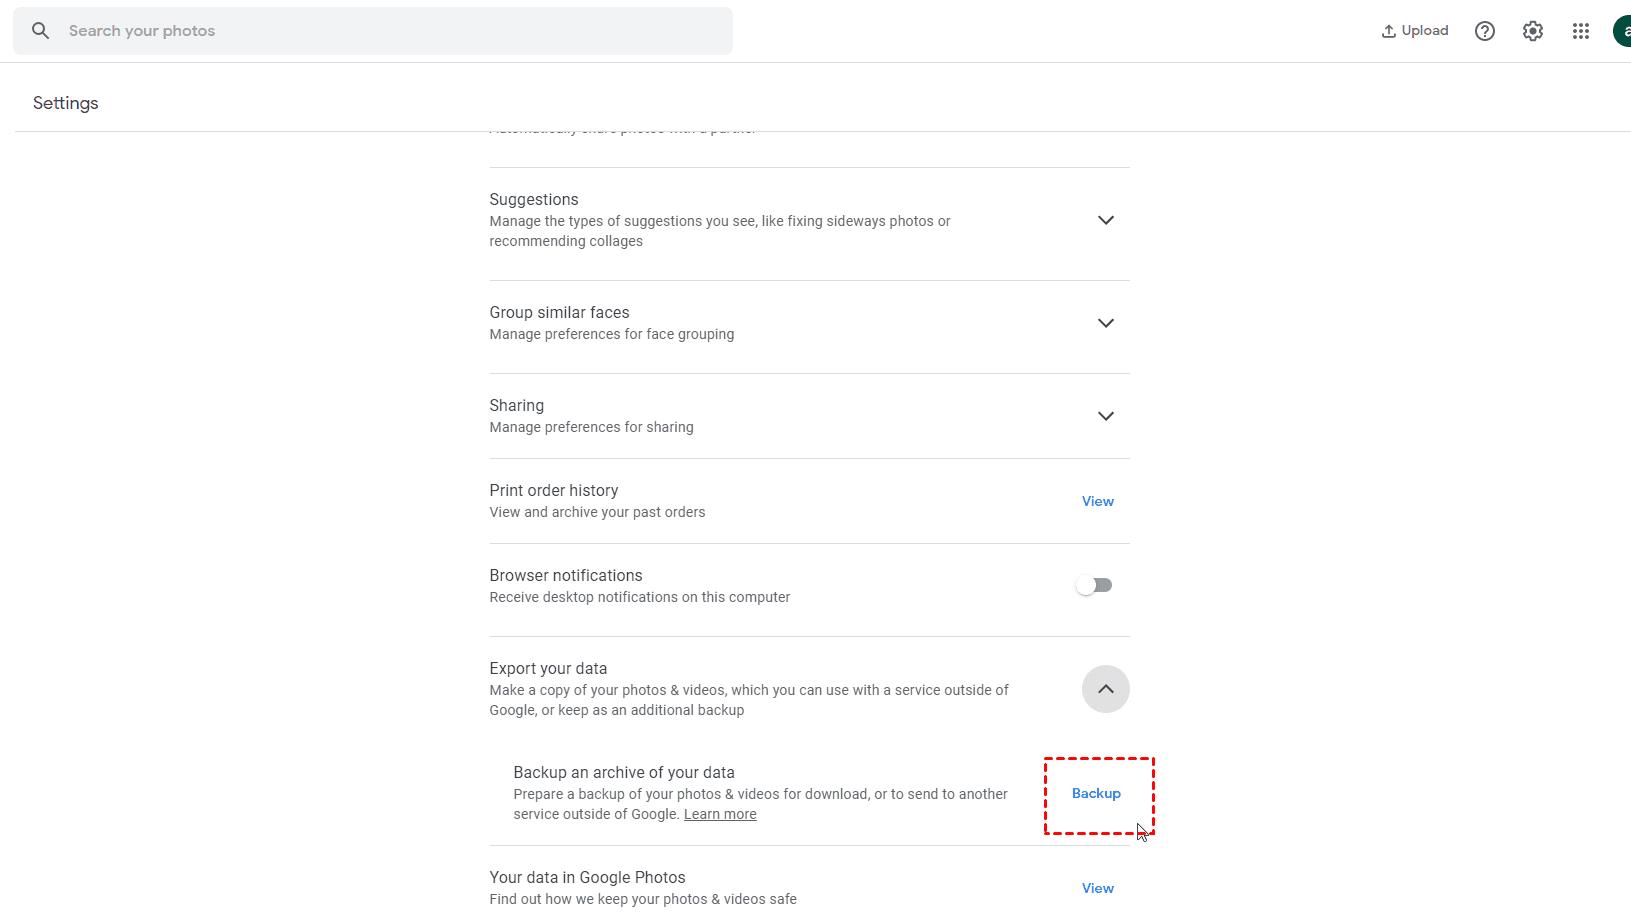 Google Photos Export Your Data Backup